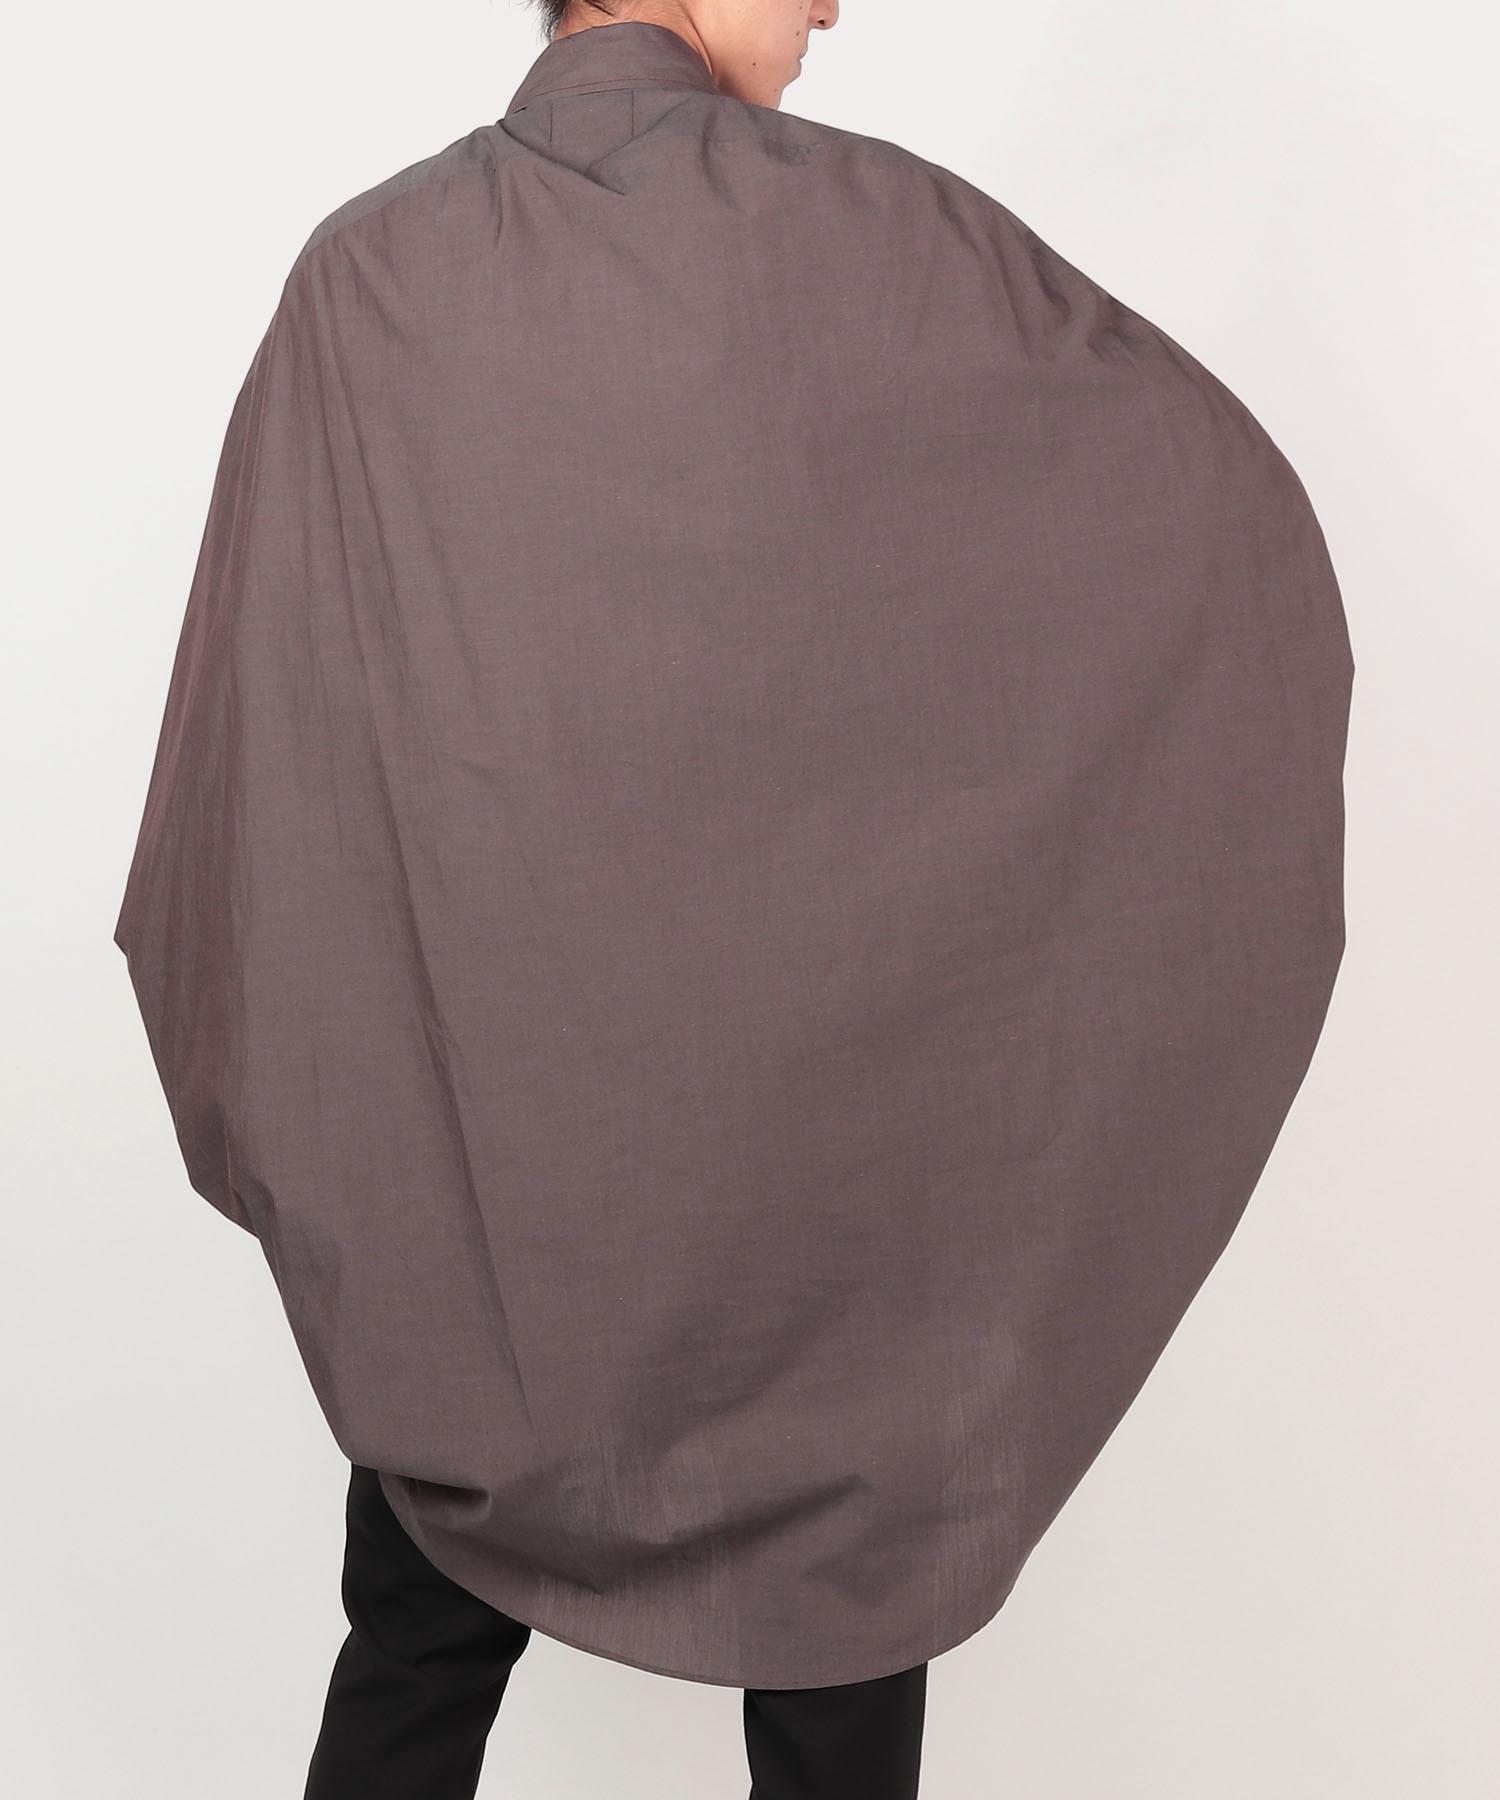 ダークトーン サークルシャツ